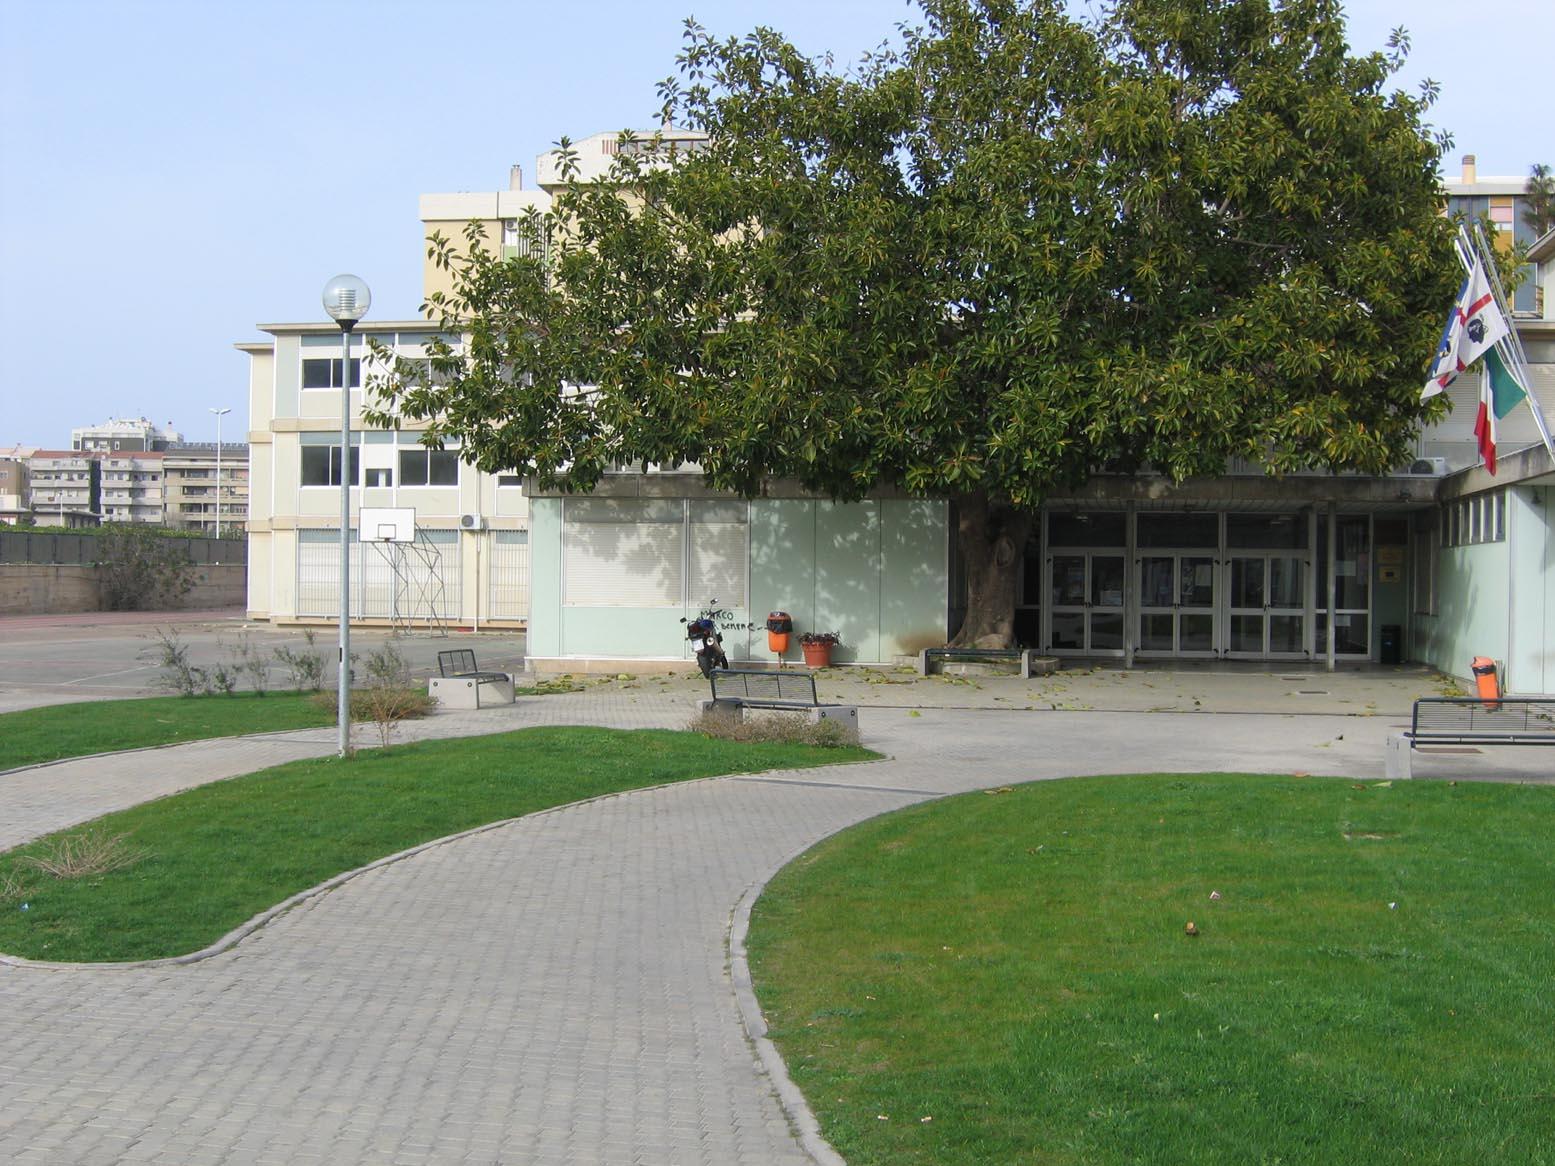 scuole elementary cagliari hotels - photo#15